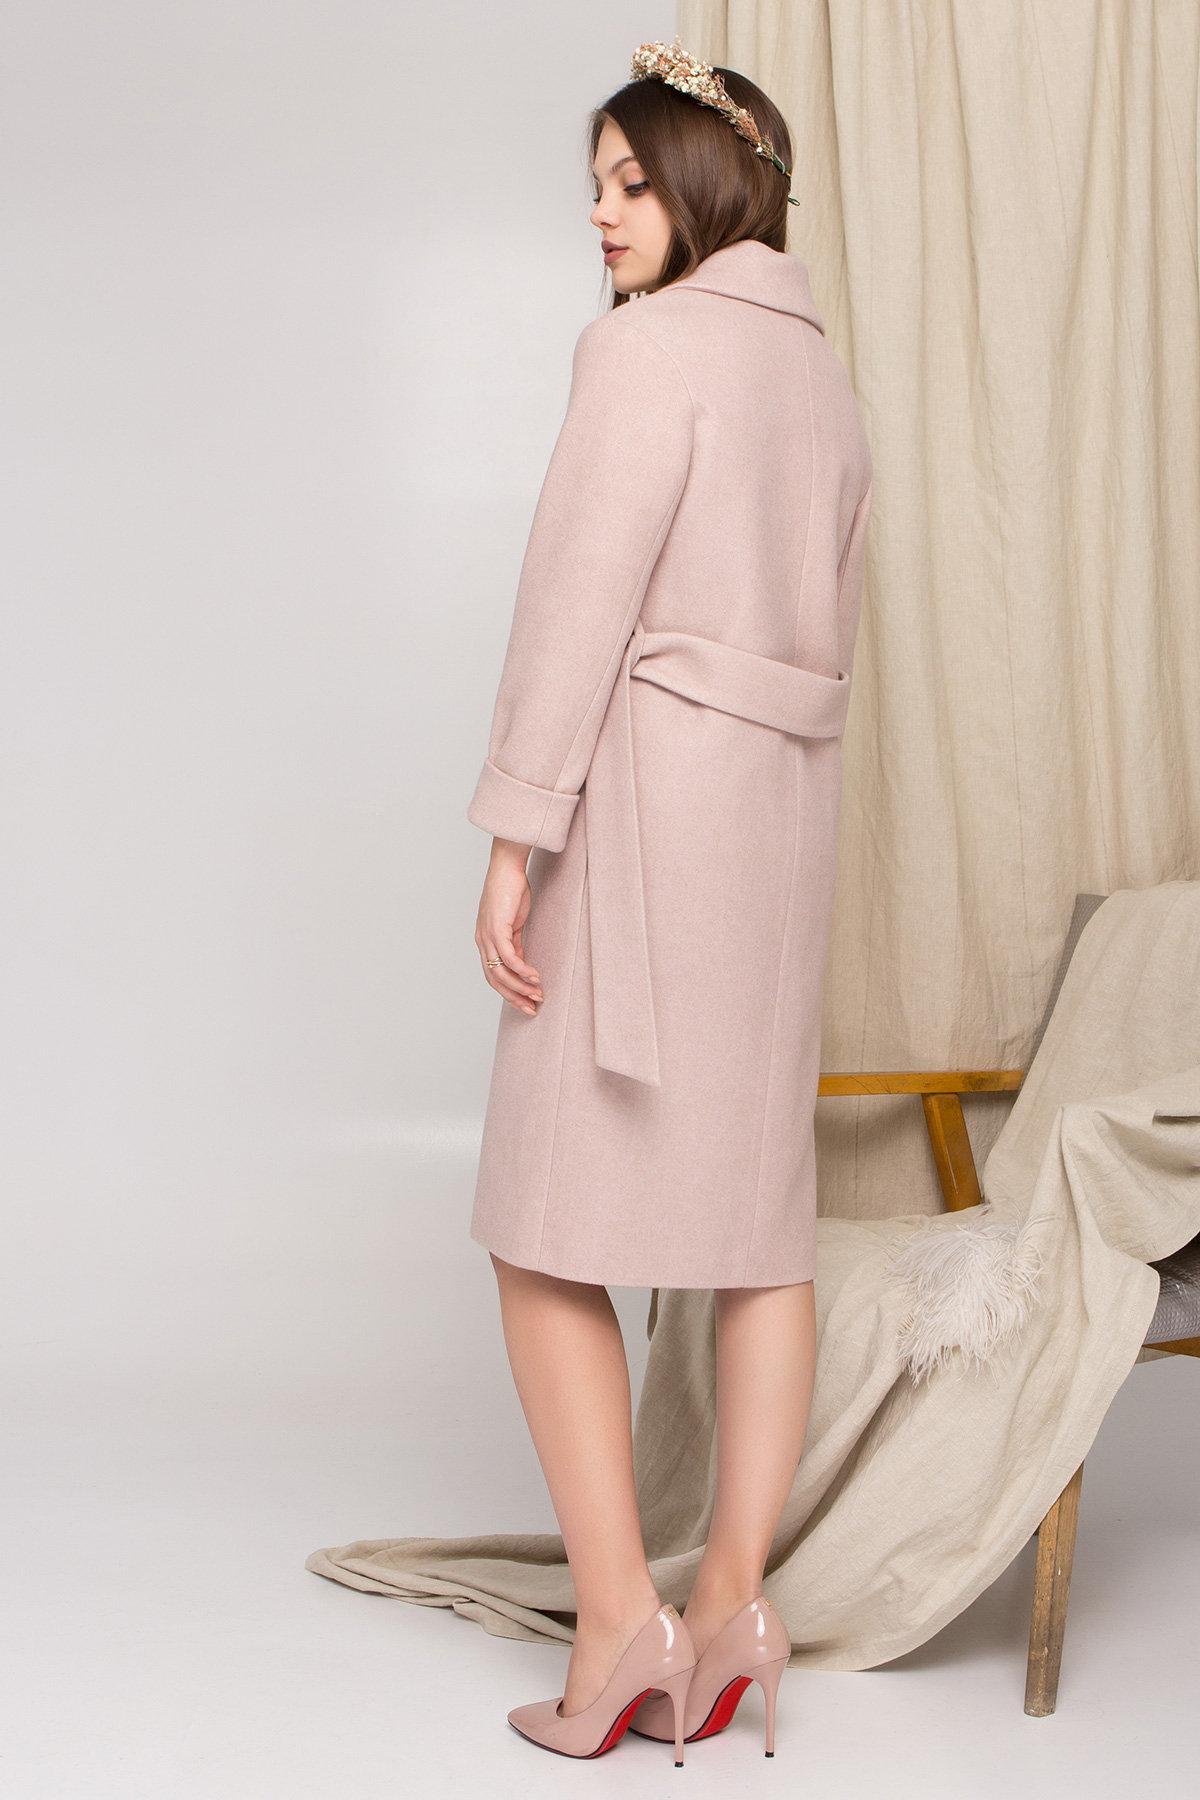 Стильное бежевое пальто Севен 8755 АРТ. 45112 Цвет: Бежевый меланж - фото 3, интернет магазин tm-modus.ru